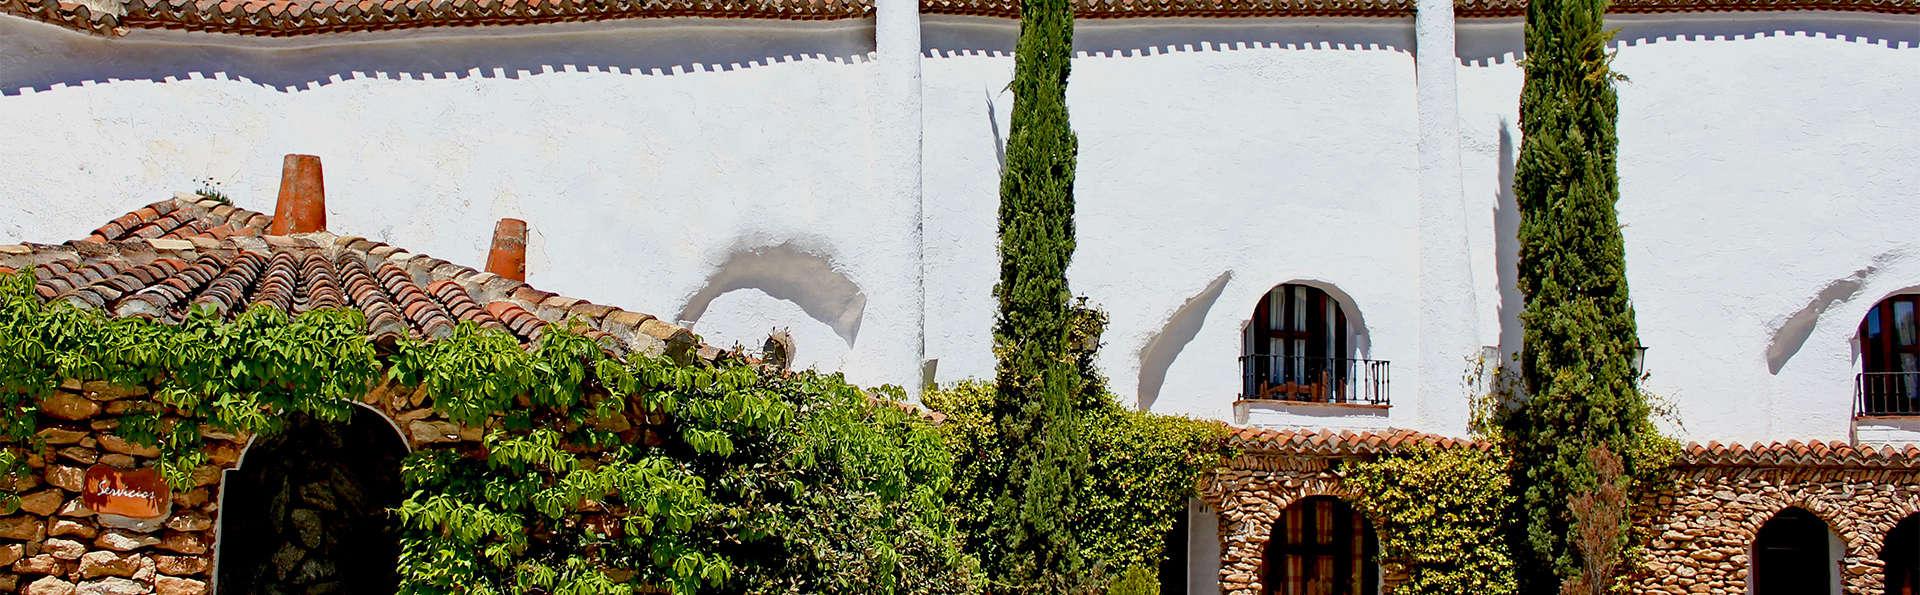 Cuevas del Tio Tobas - EDIT_Exterior.jpg